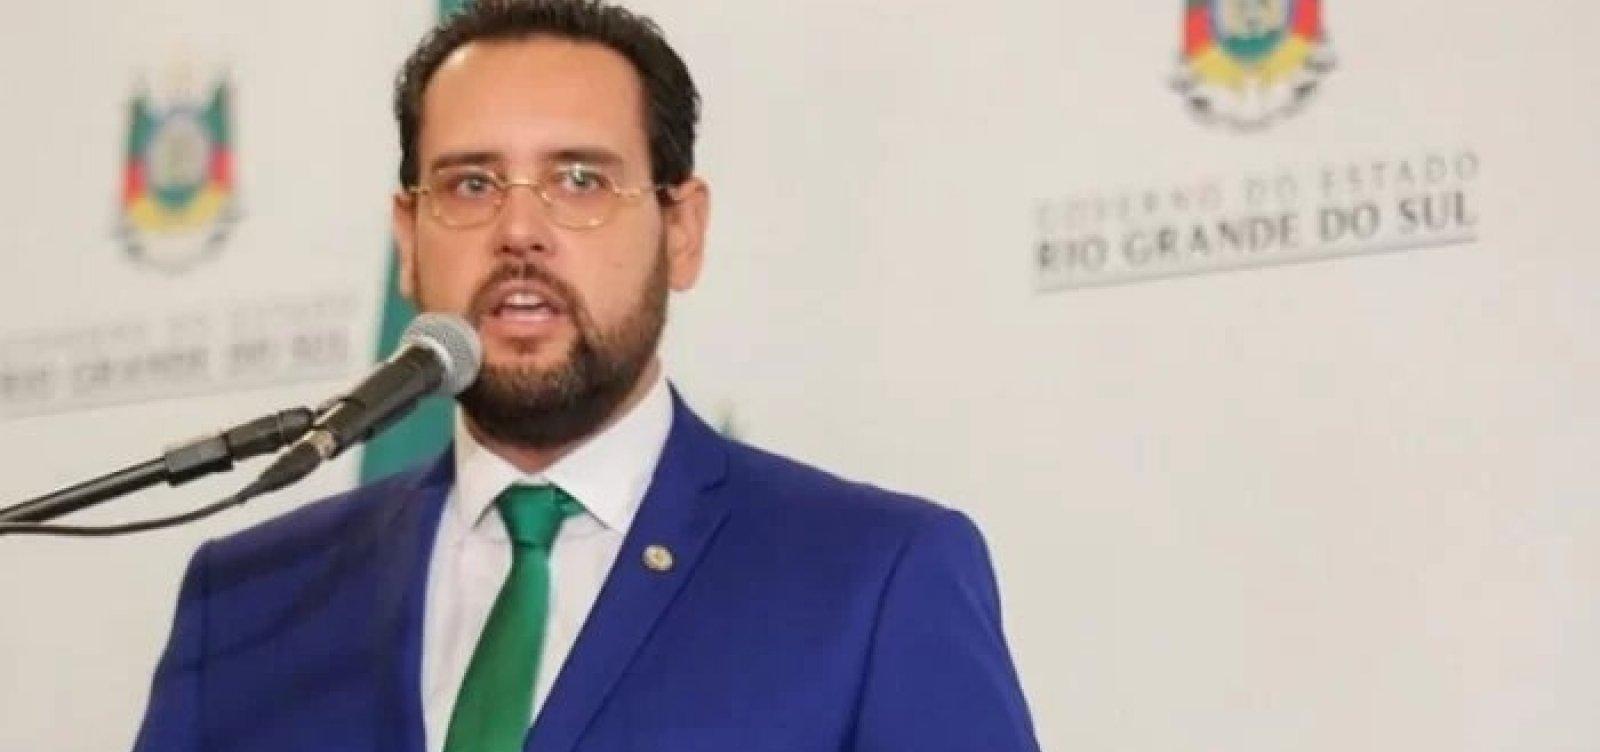 [Deputado do PSL é acusado de reformar casa da sogra com verba pública]